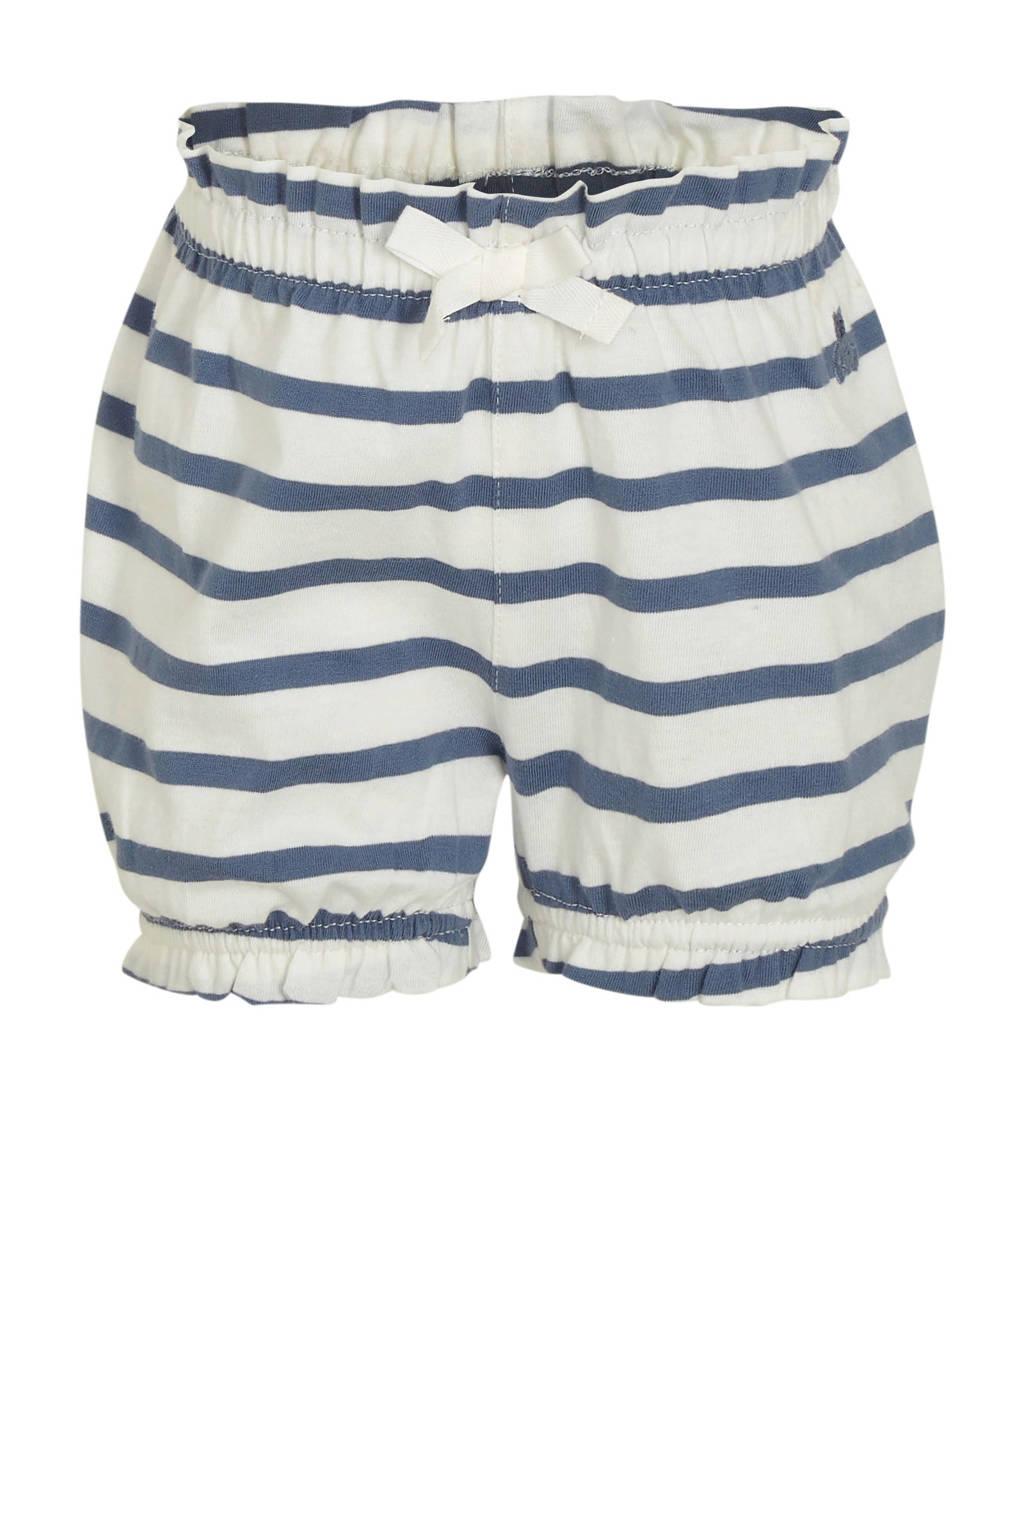 GAP baby gestreepte loose fit broek wit/blauw, Wit/blauw